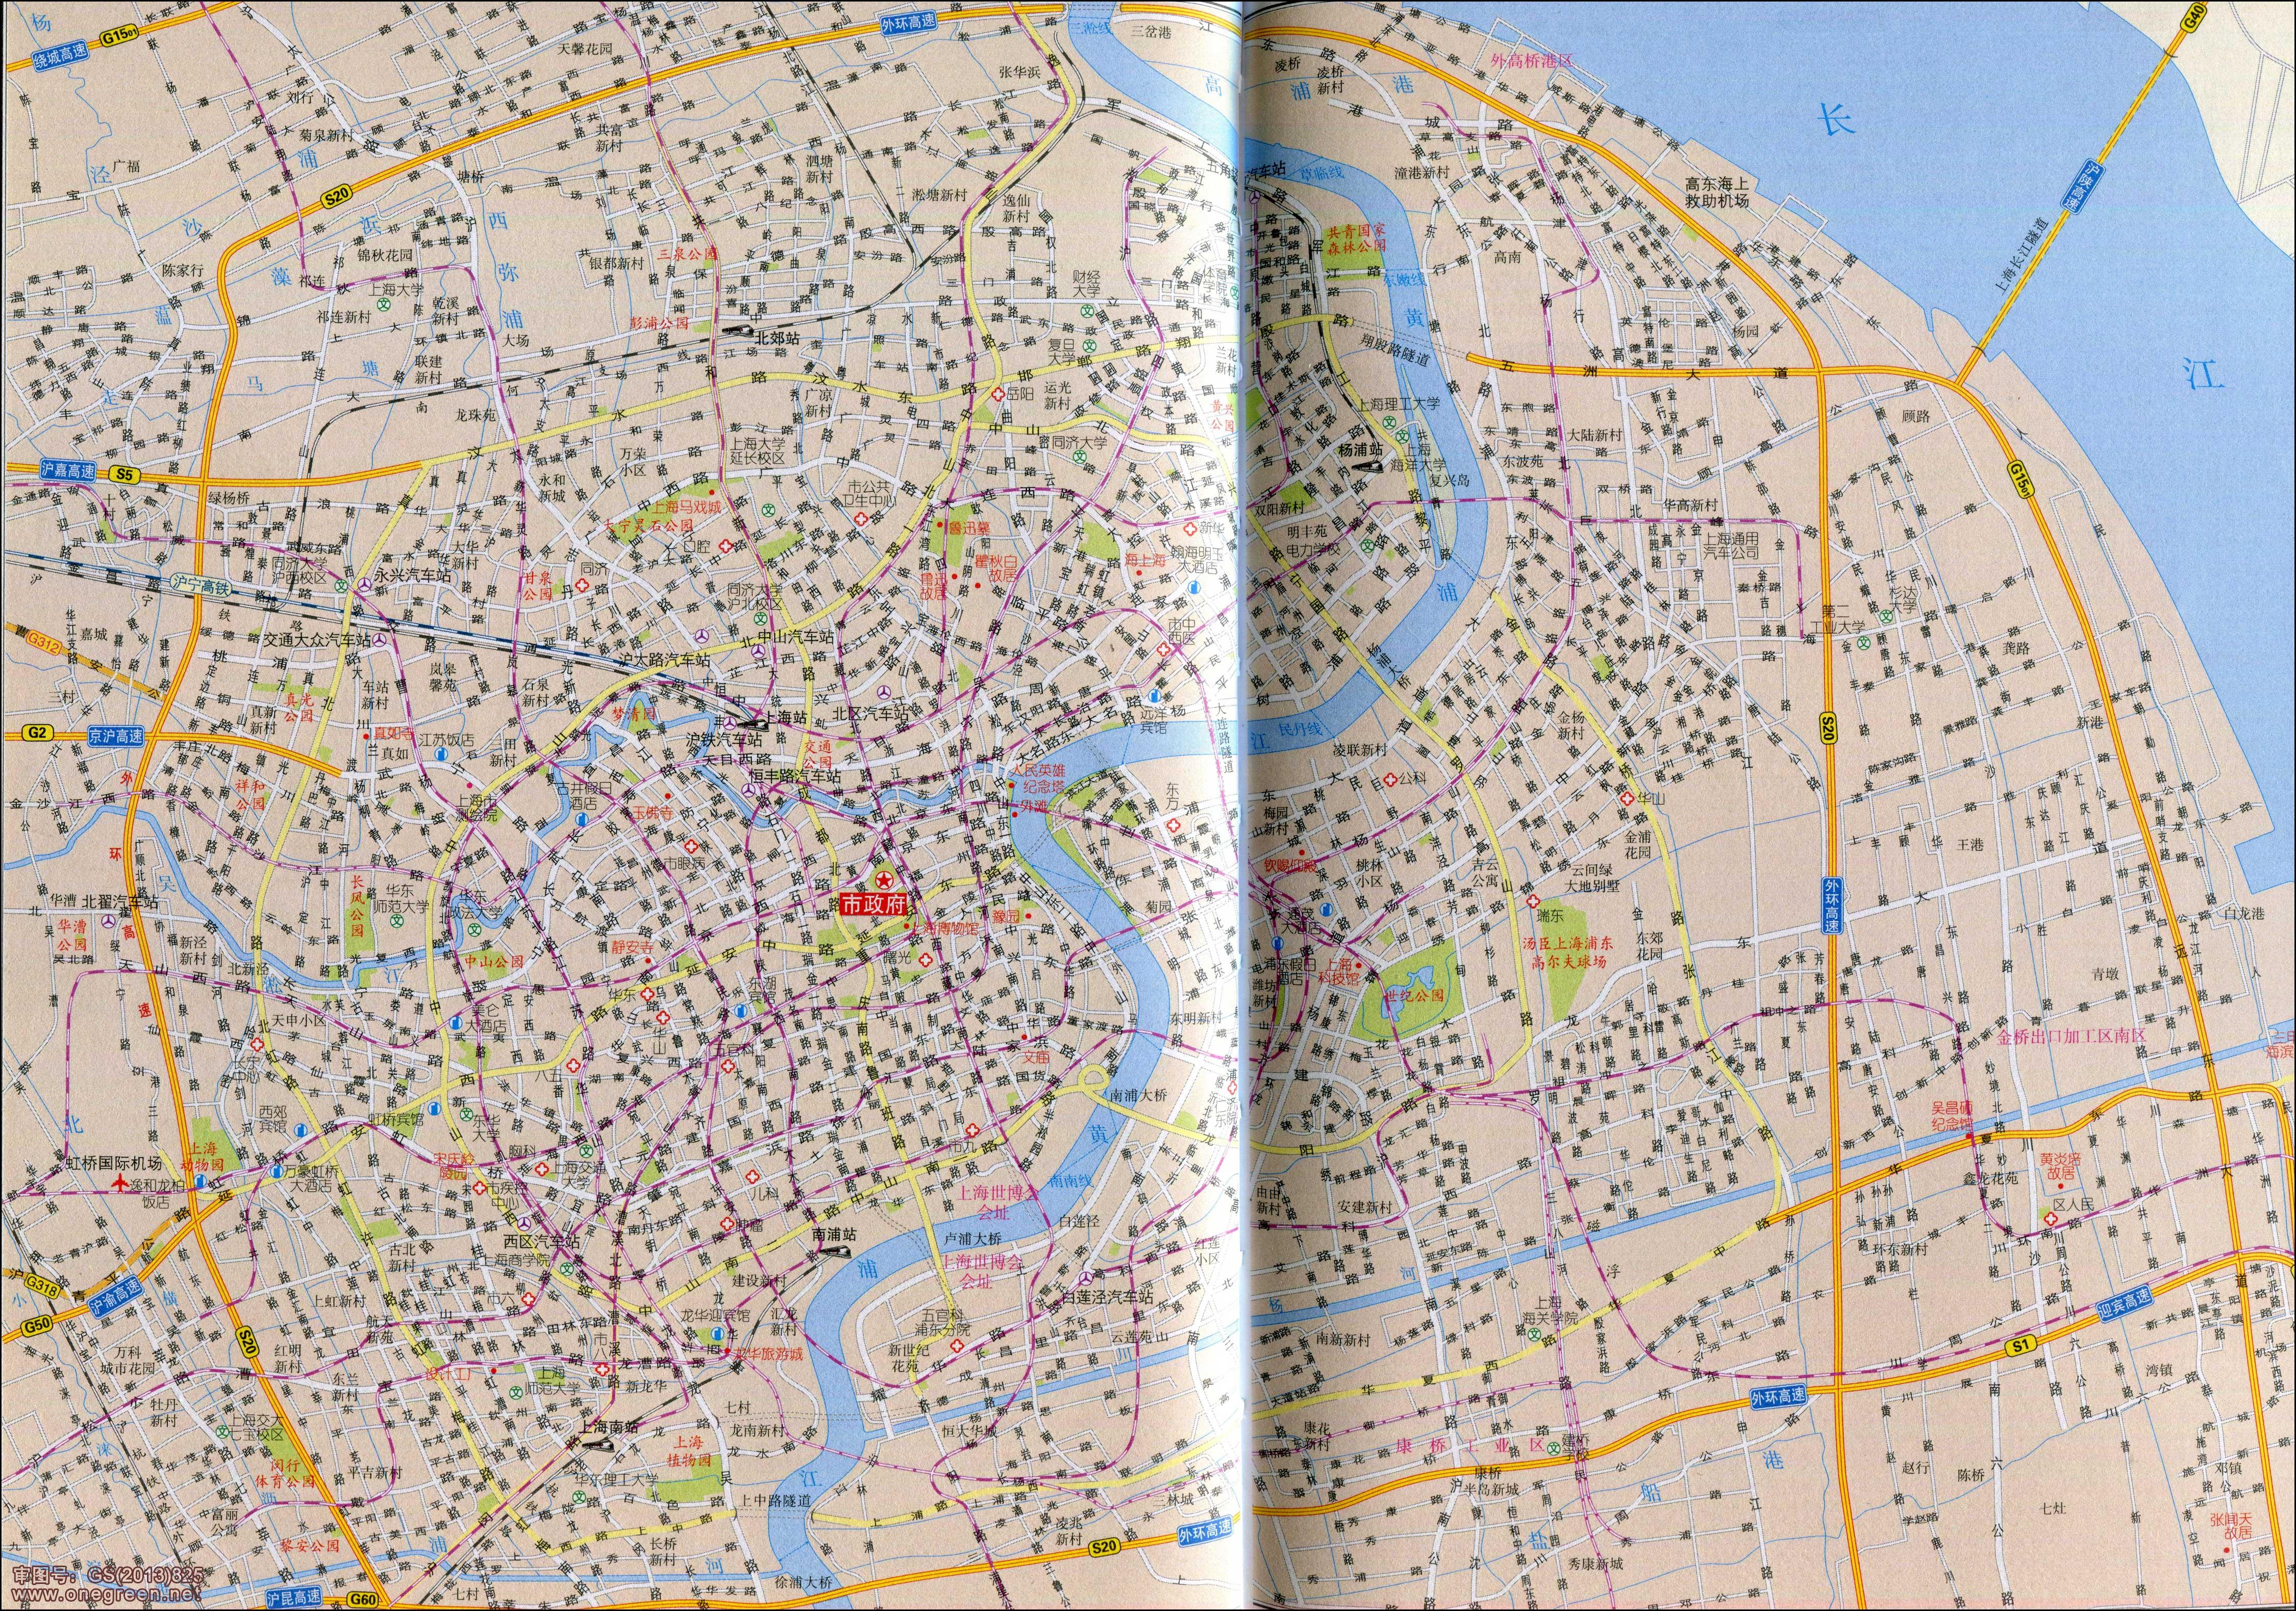 上海卫星地图 高清上海市区地图